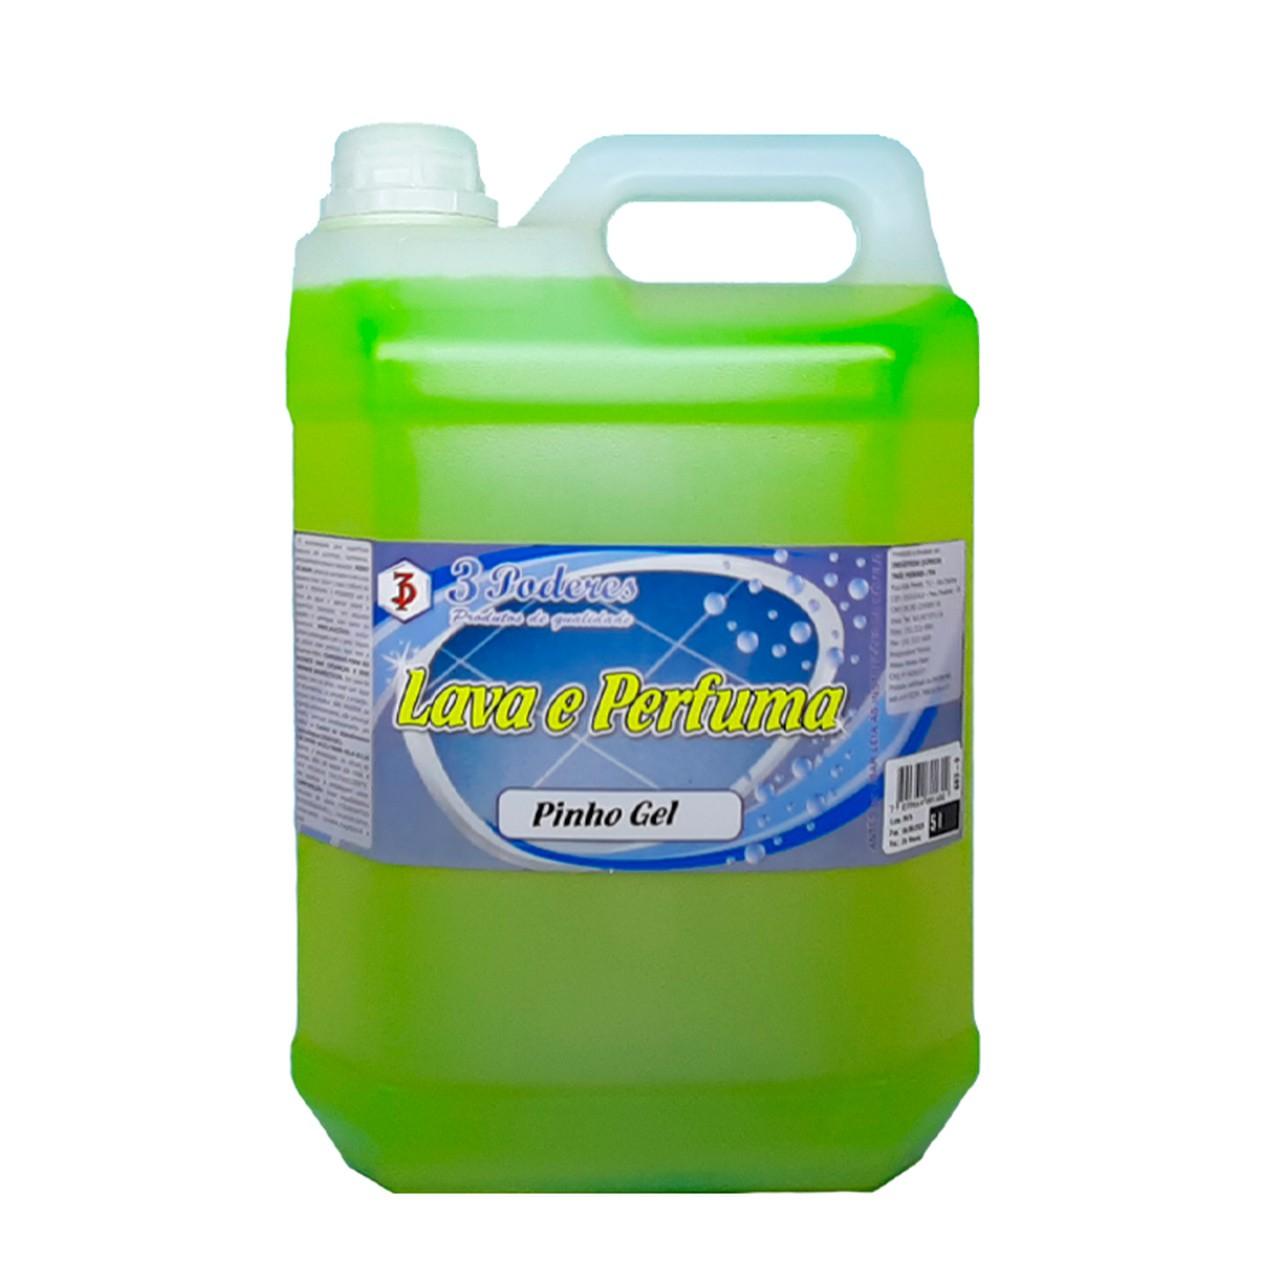 Lava e Perfuma 3 Poderes 5LTS - Pinho Gel